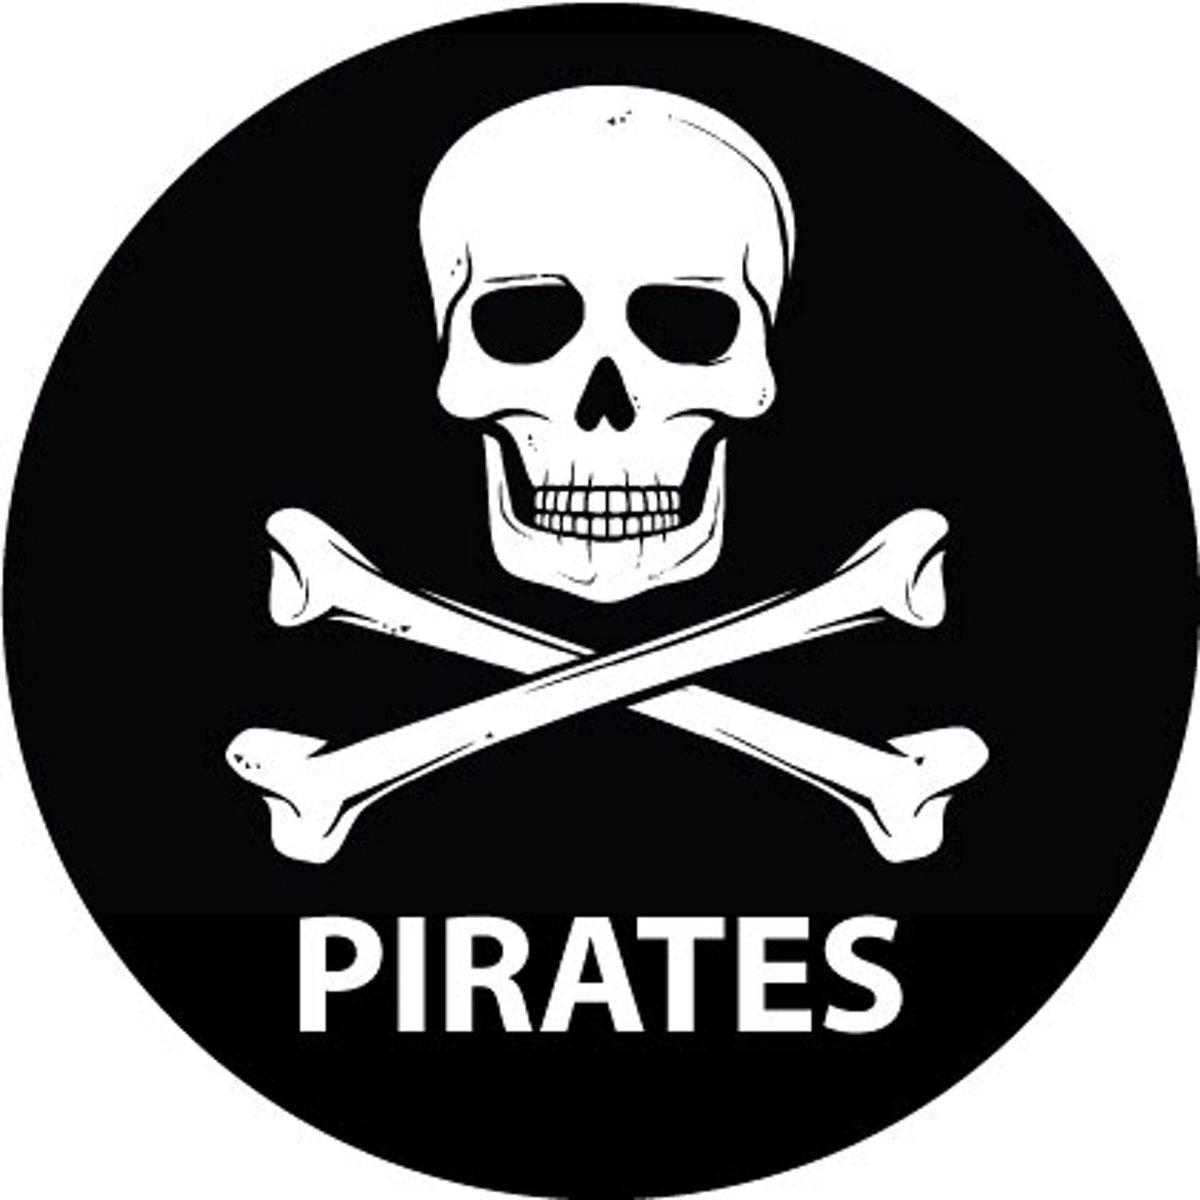 Bol Com Piraten Feestartikelen Voor Een Piraten Kinderfeestje